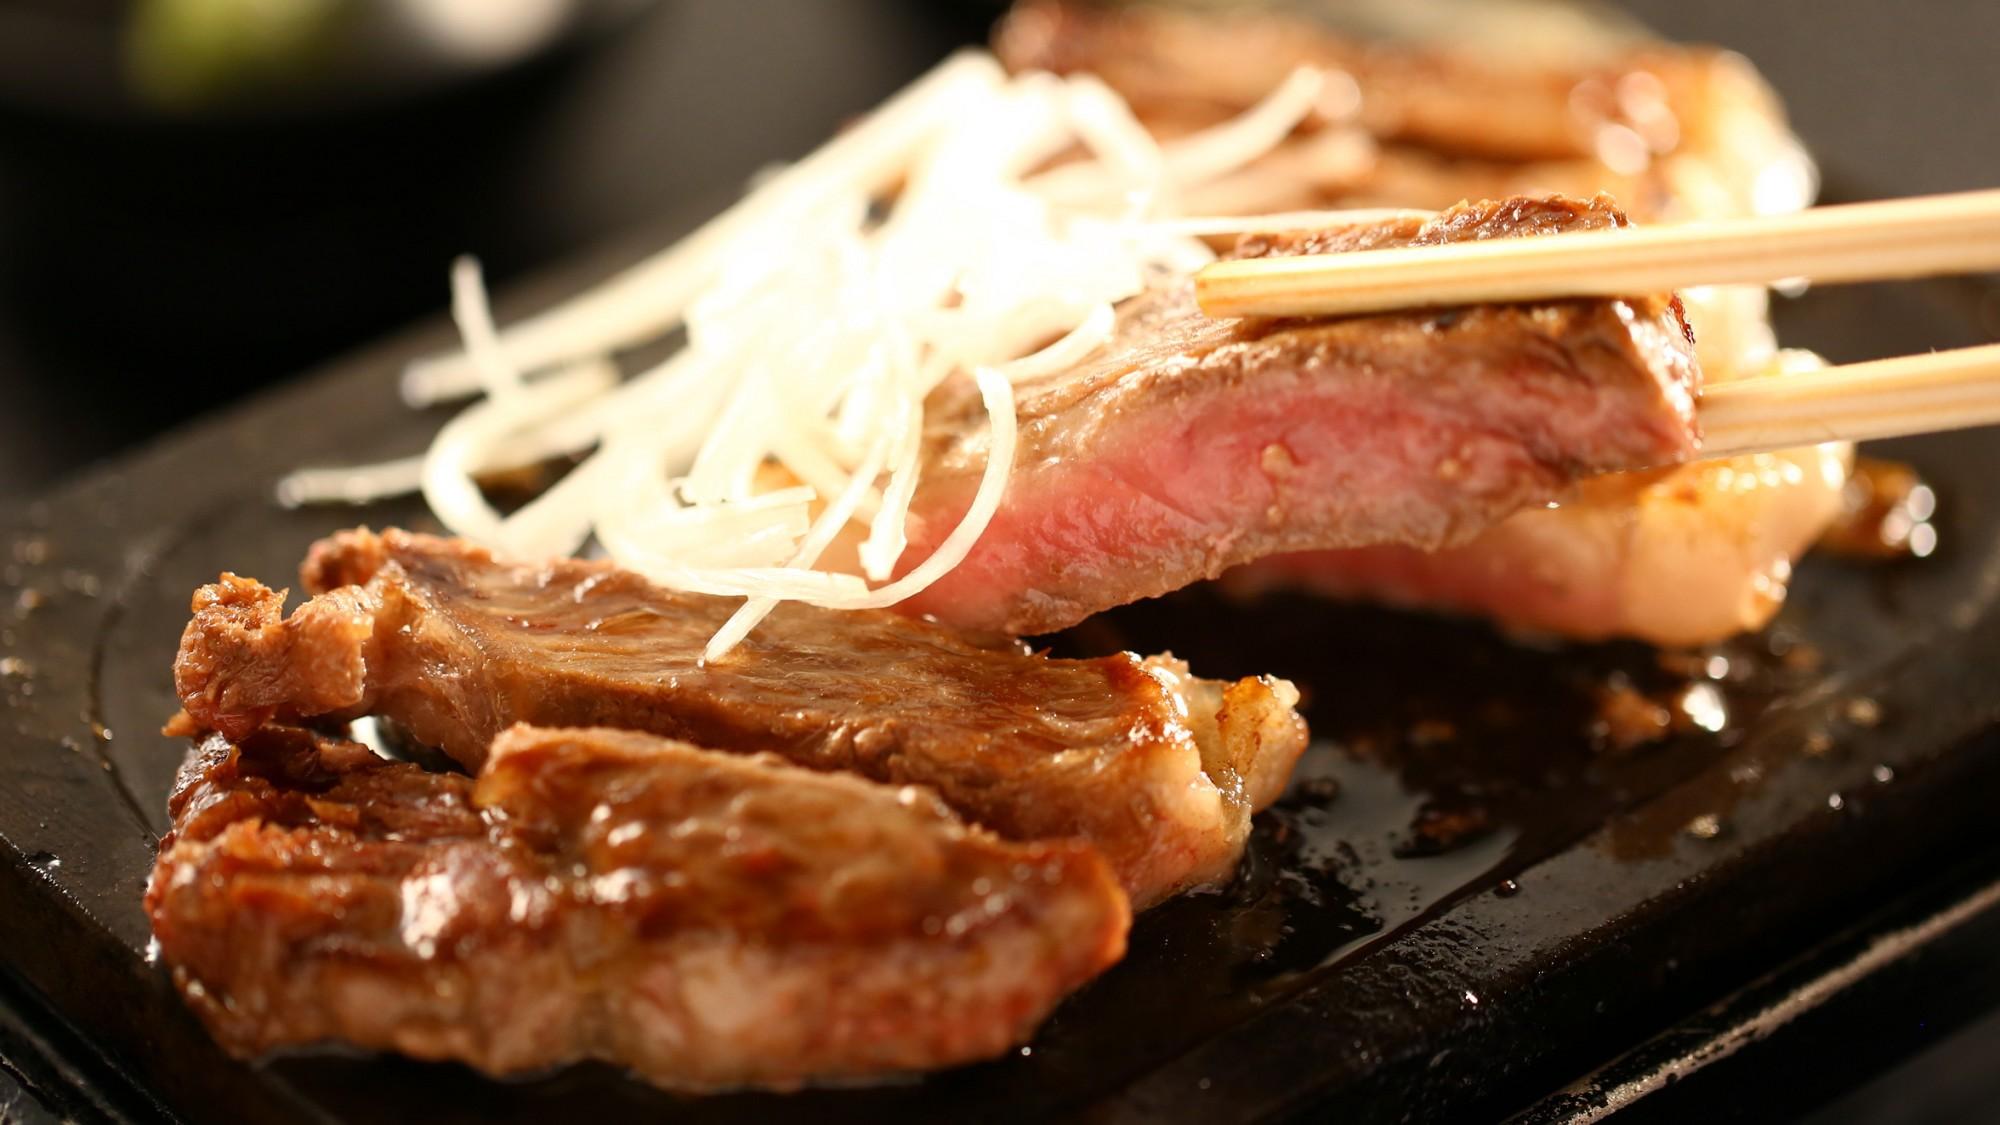 ステーキには白髪ねぎを添えて。刻みわさびやおろし醤油でお召し上がりください。